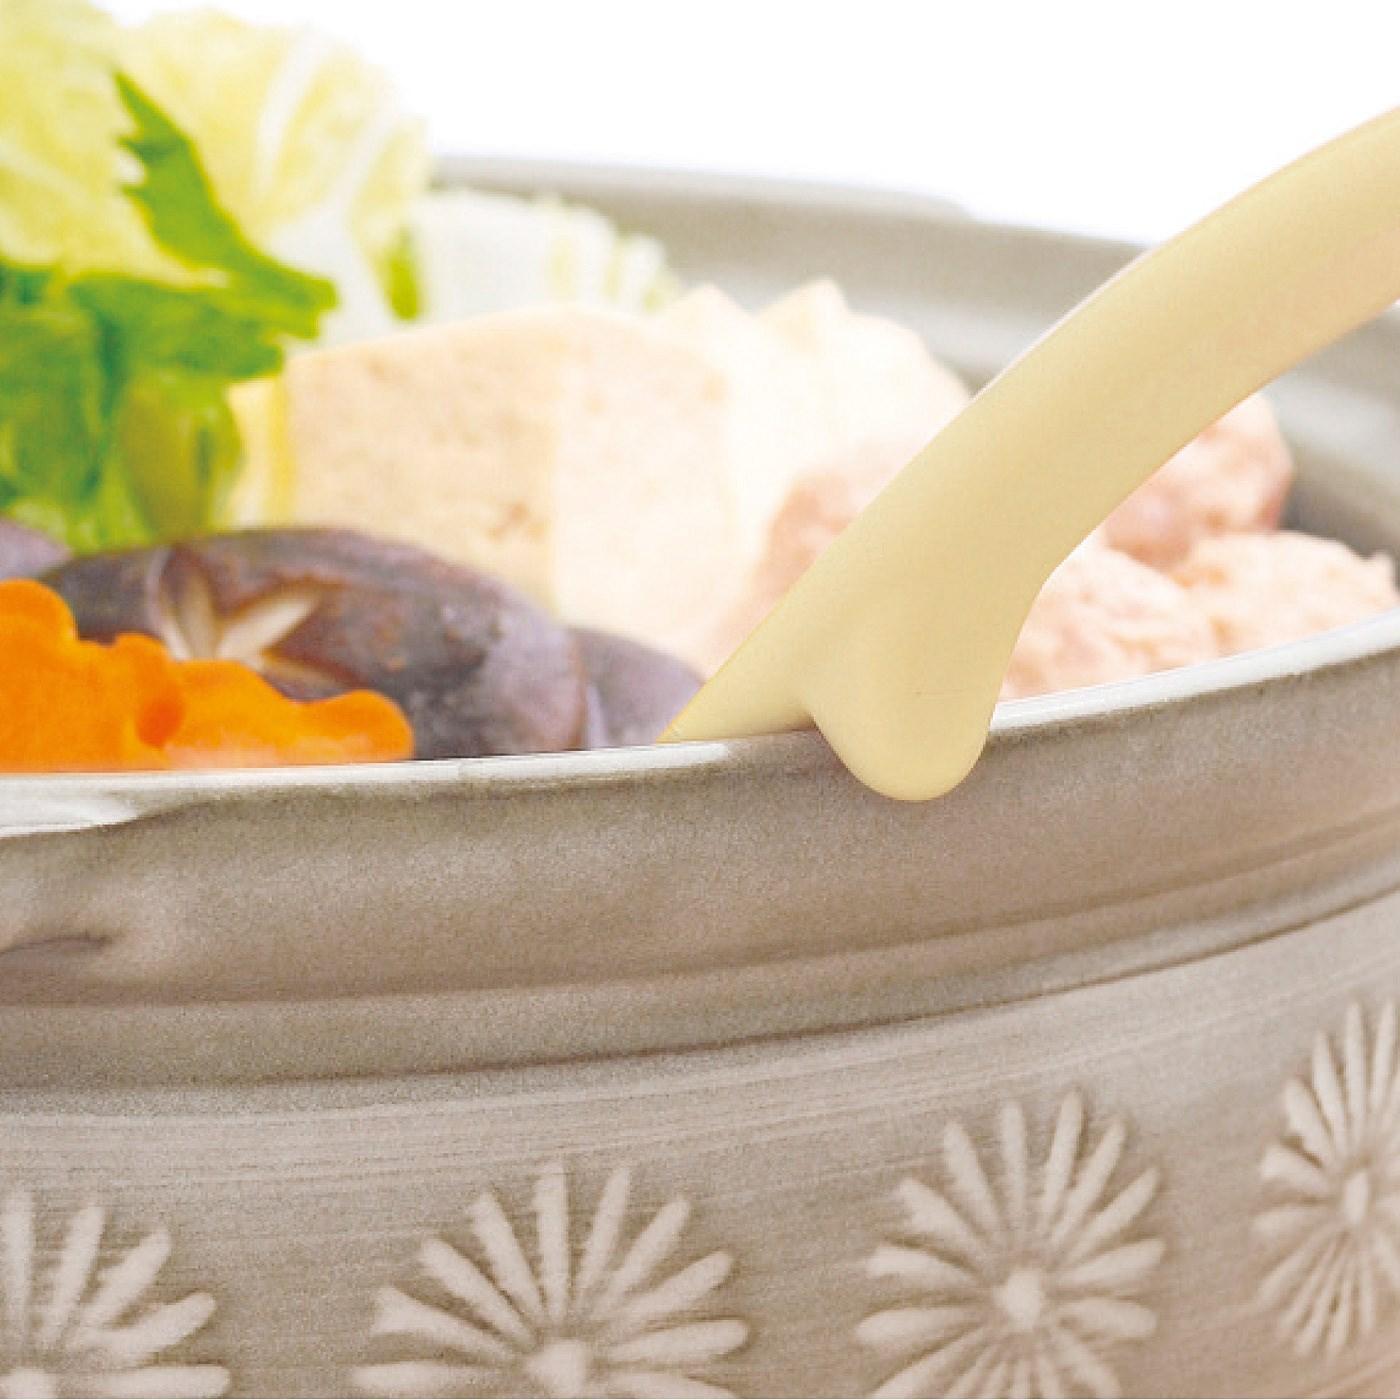 お鍋のへりに引っ掛かる突起付き。鍋料理の取り分けに。